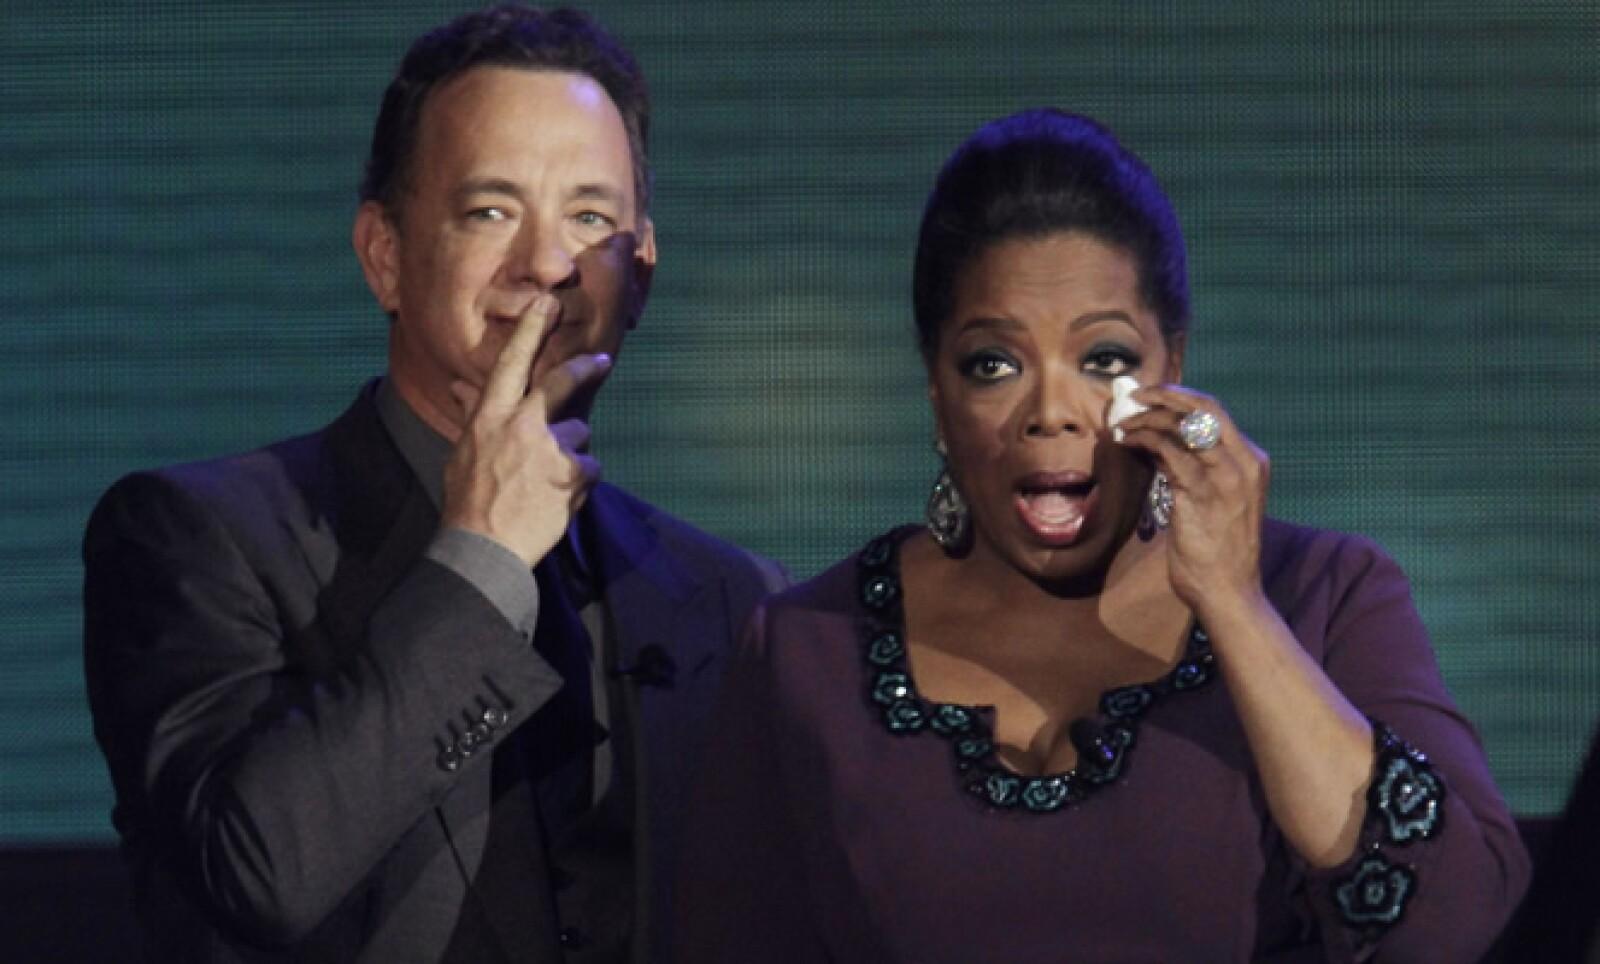 Oprah Winfrey hizo la última temporada de su popular show de televisión; en el programa de despedida, transmitido el 25 de mayo, reunió a personalidades del mundo de la farándula.